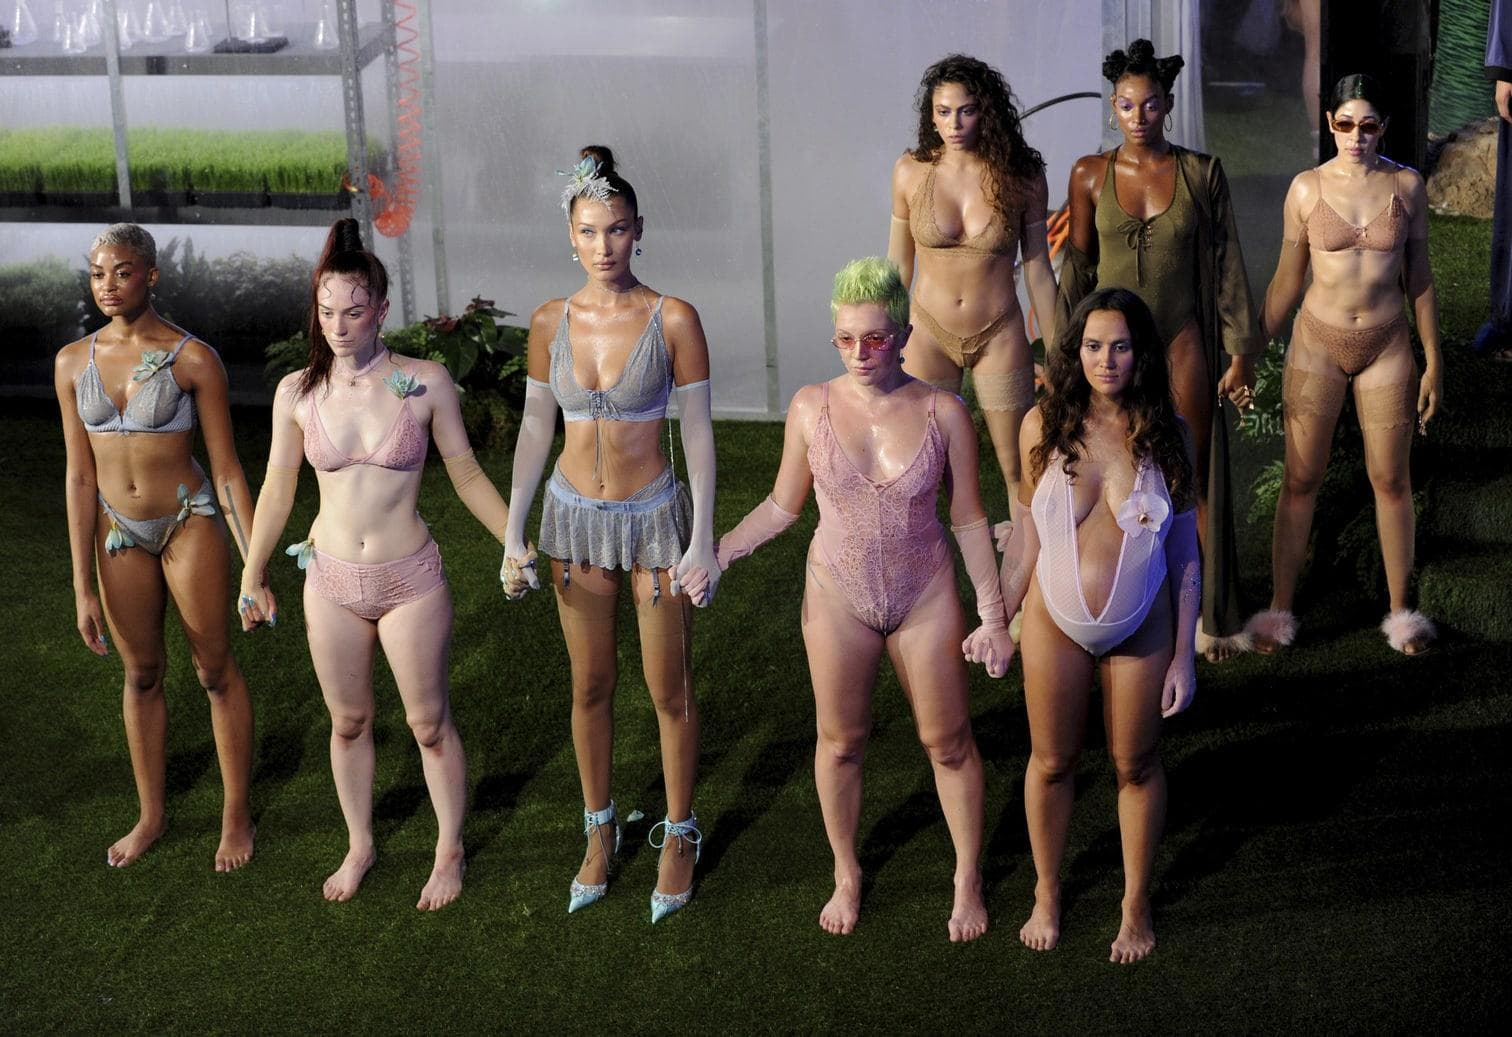 <p>Mit einer spektakulären Dschungel-Show hat Sängerin und Designerin Rihanna auf der New Yorker Fashion Week die Frühlingskollektion ihrer Unterwäschemarke